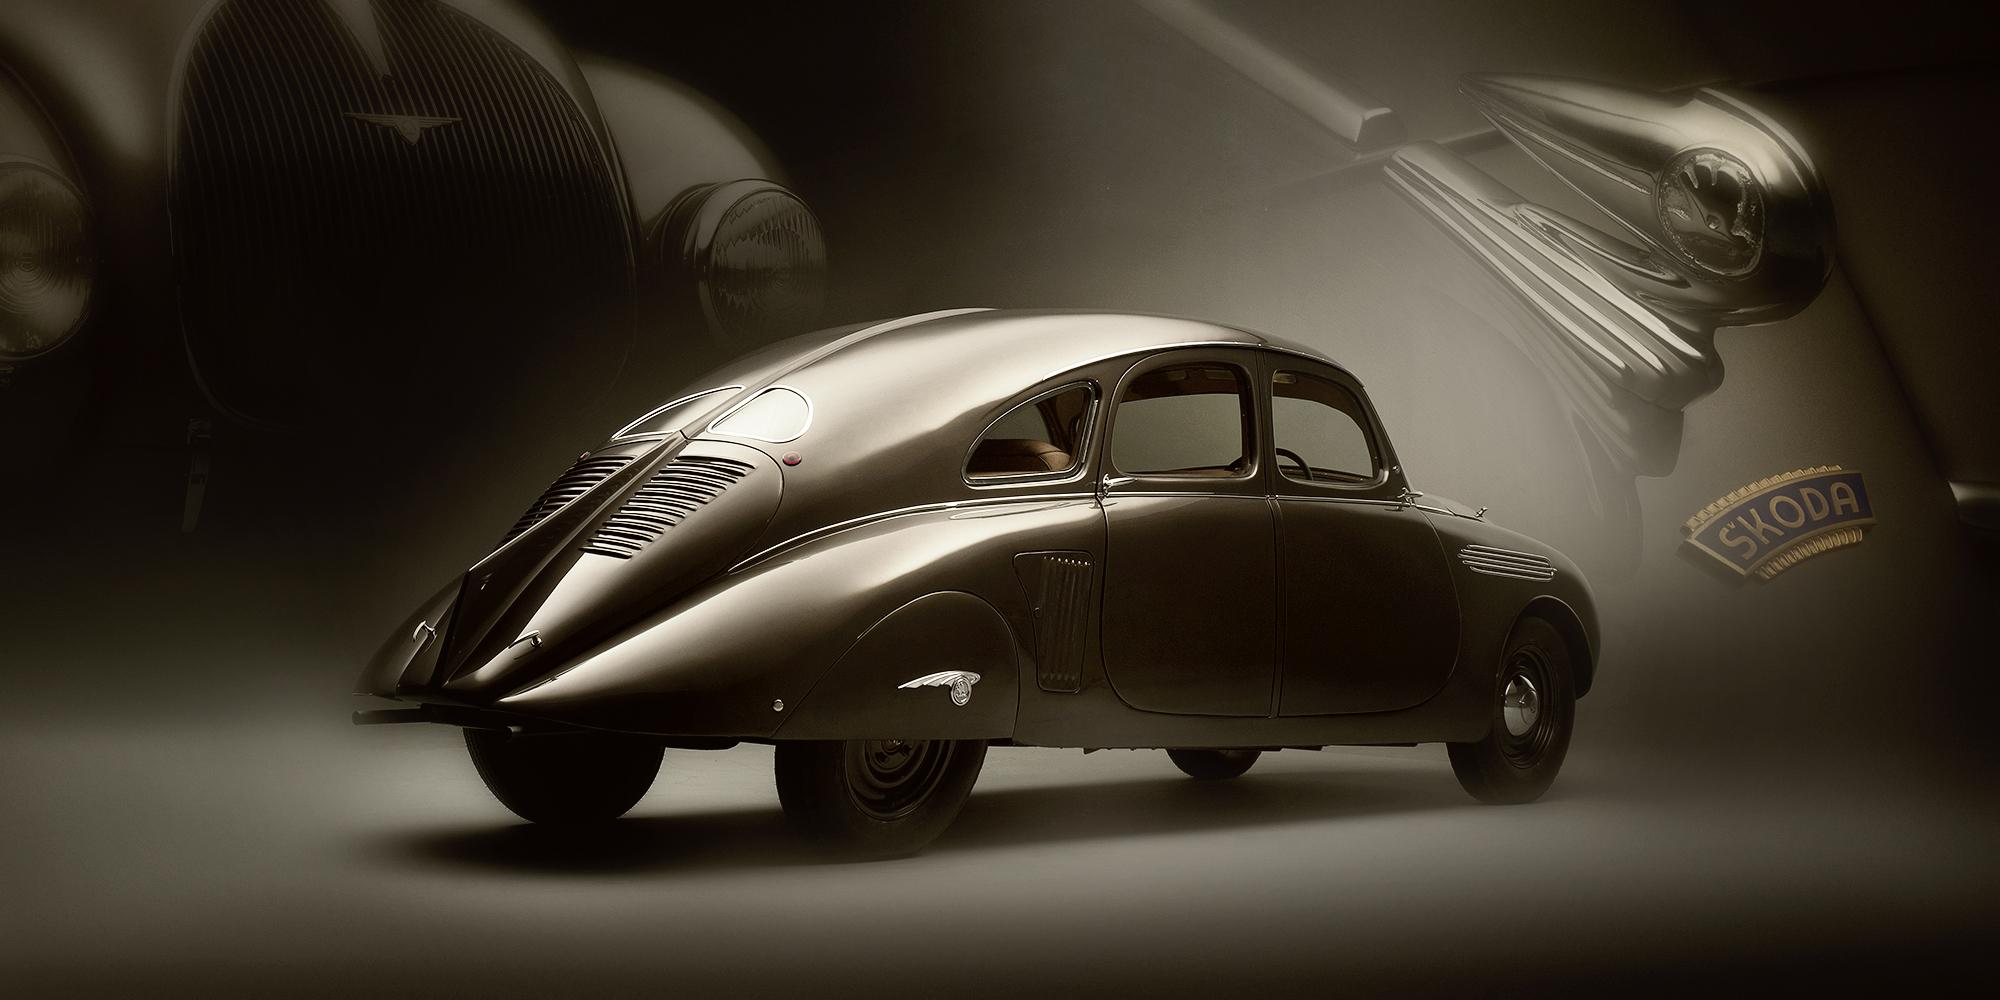 Aerodynamic_car.jpg